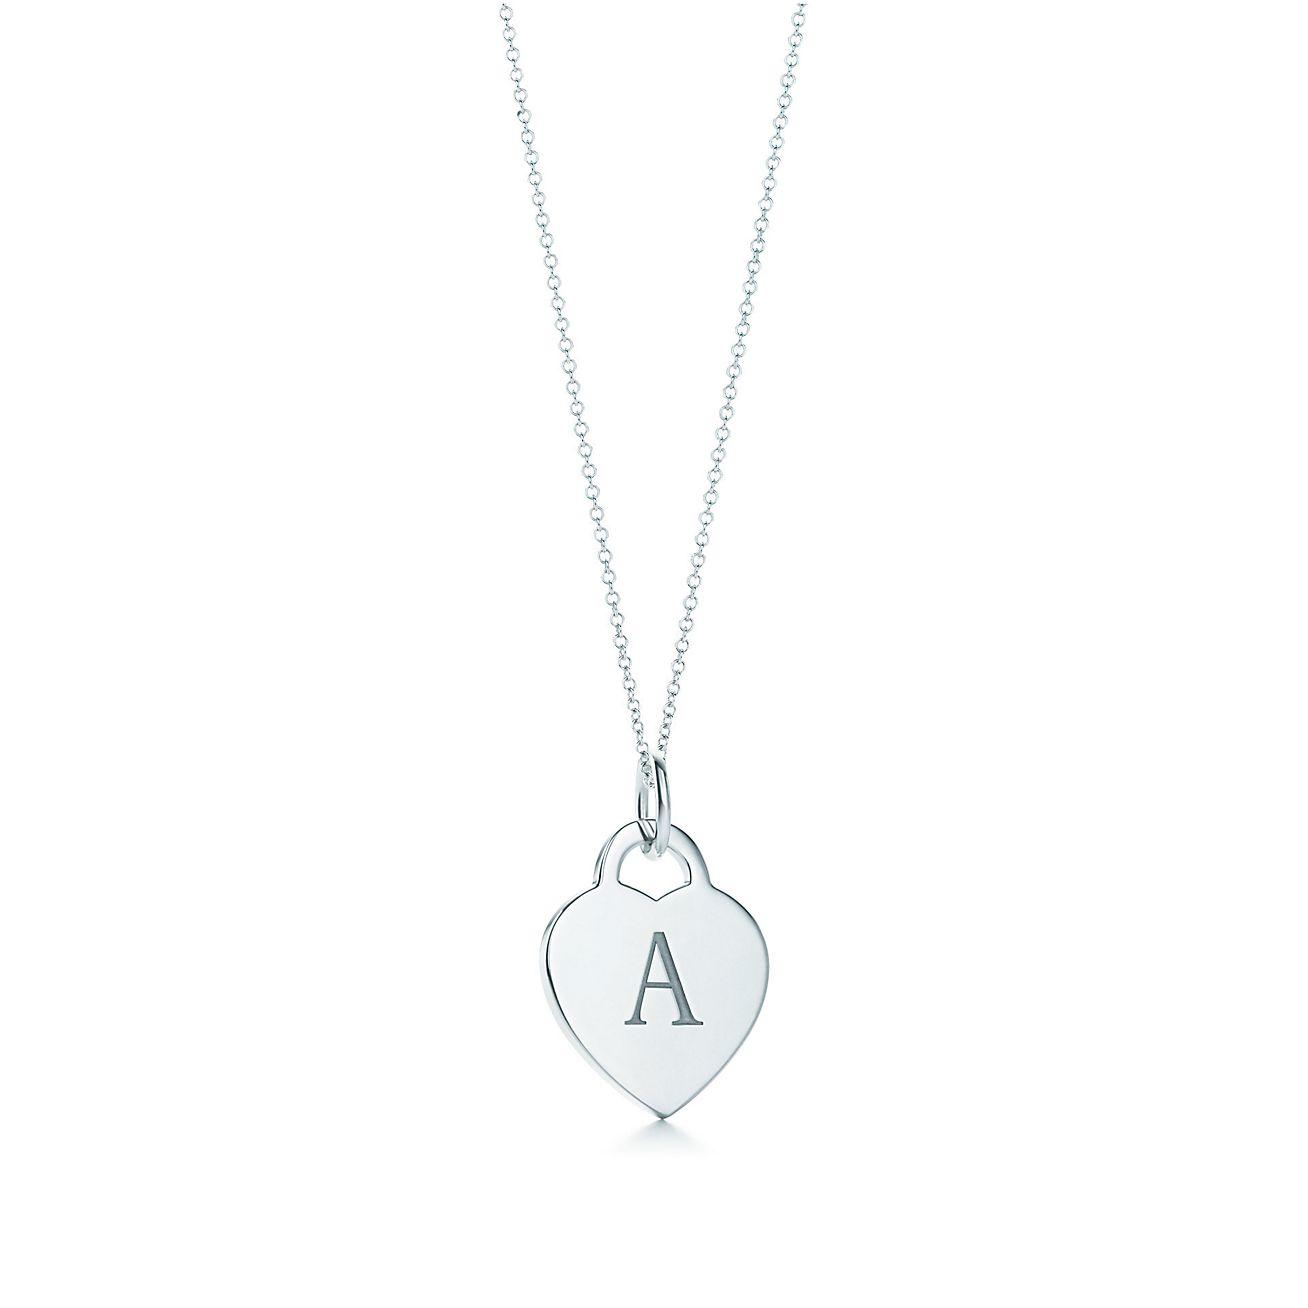 Charm En Forma De Corazón Con Las Letras Del Alfabeto En Plata